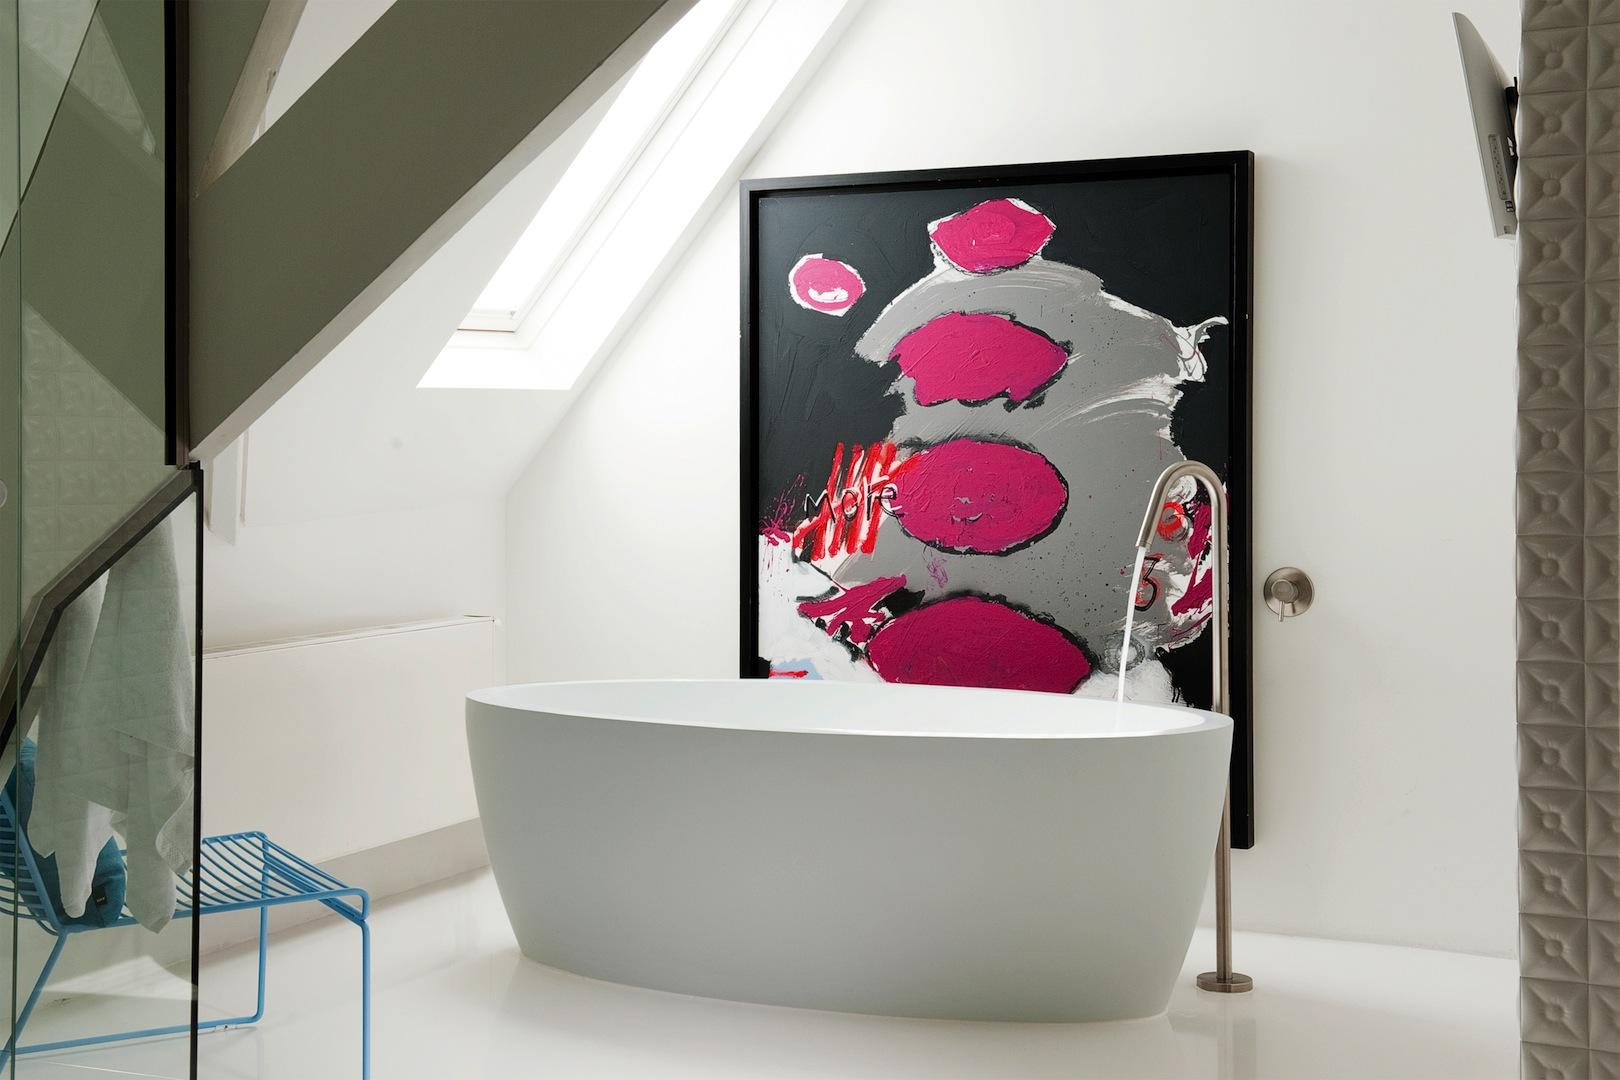 Bette badkamer bad kleur roze